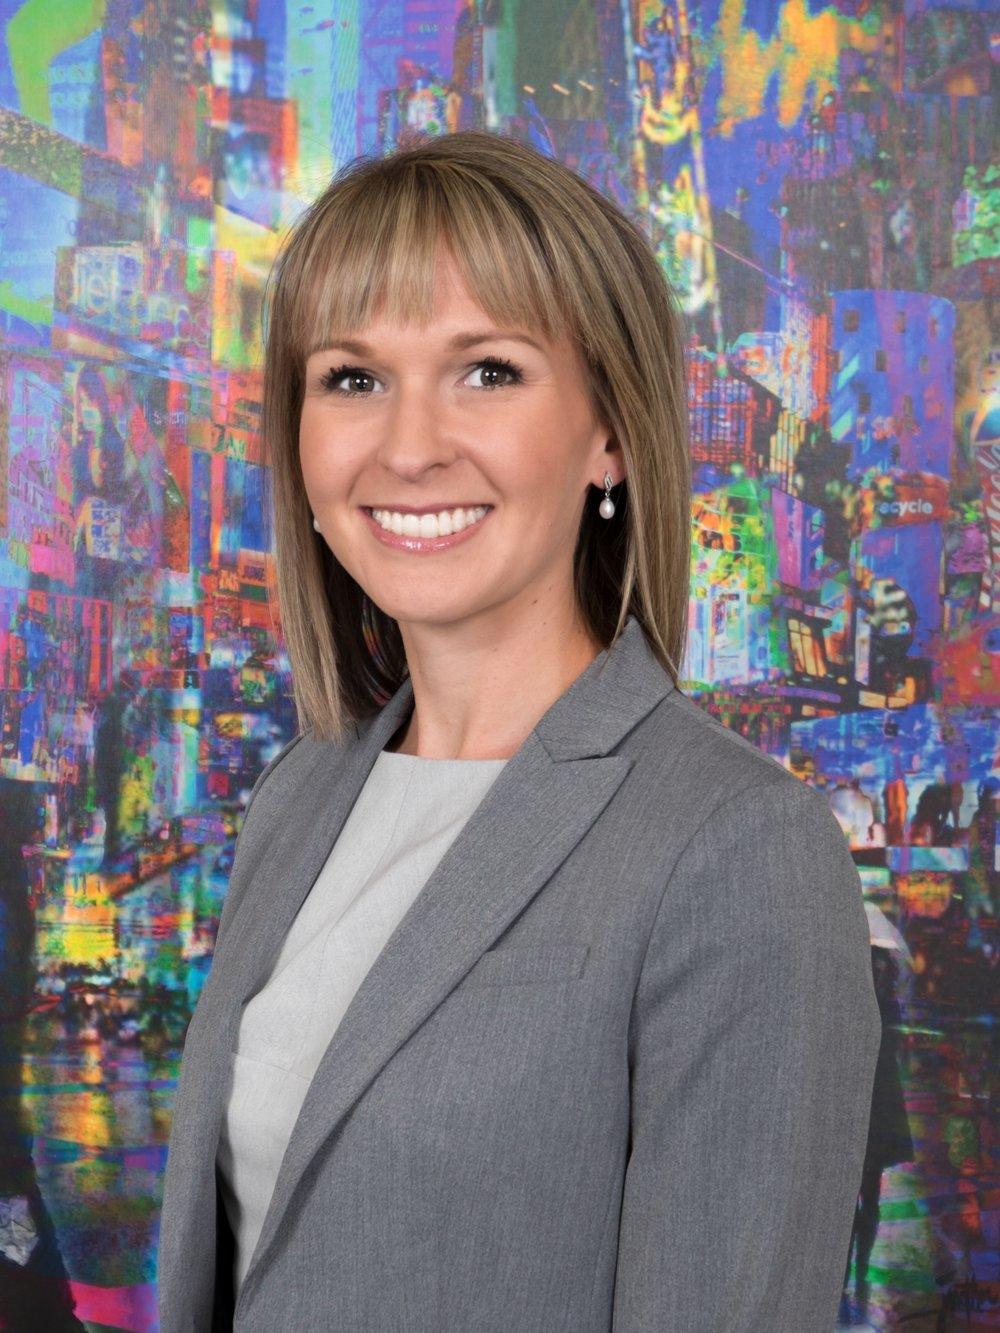 Stephanie Hryciw